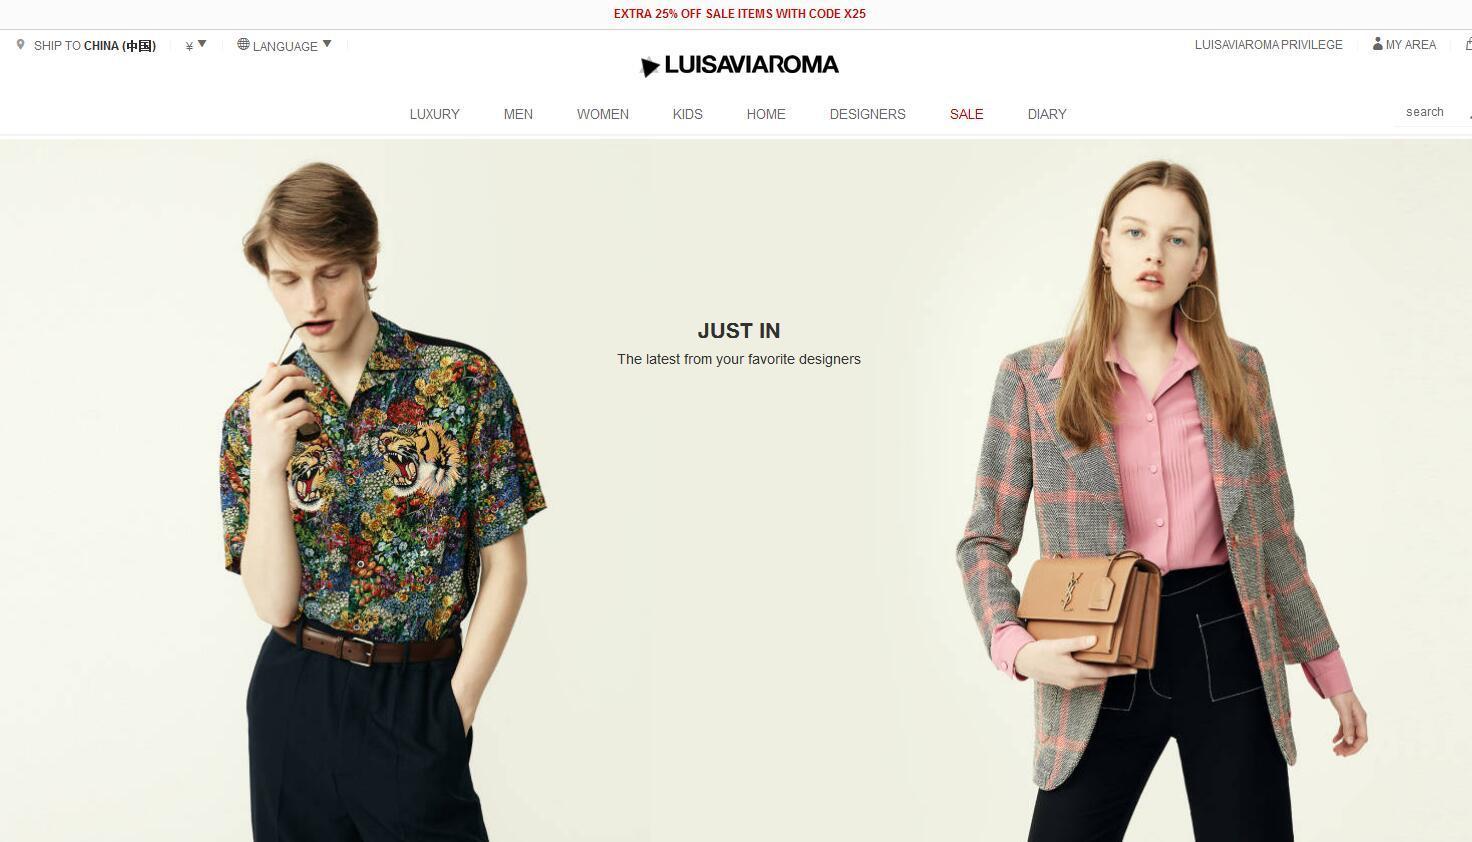 意大利奢侈品网站Luisaviaroma母亲节大促 促销产品额外75折优惠